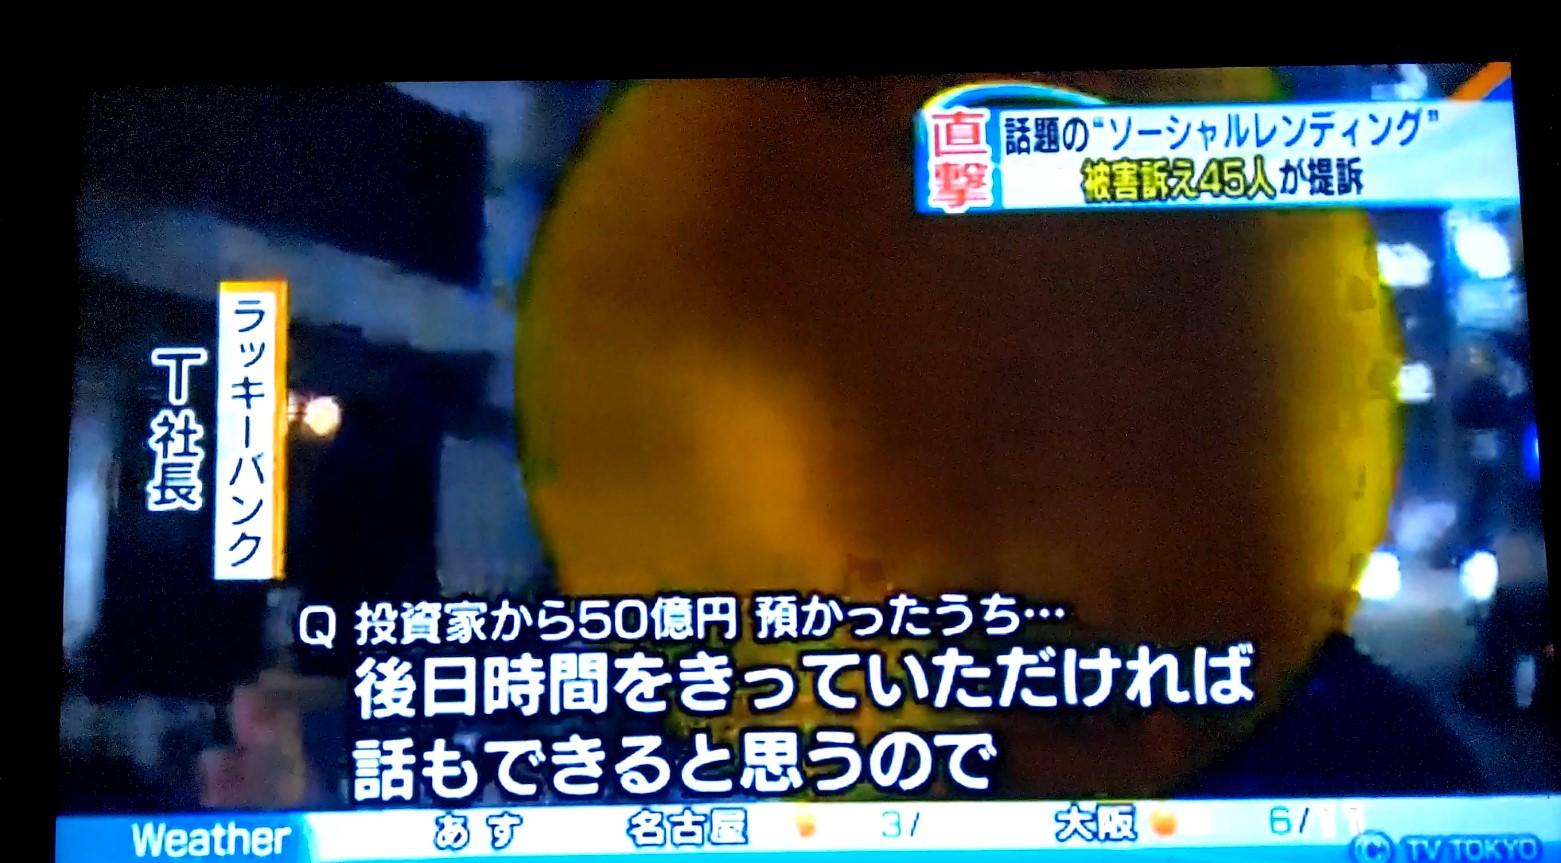 09_ラッキーバンクゆうがたサテライト